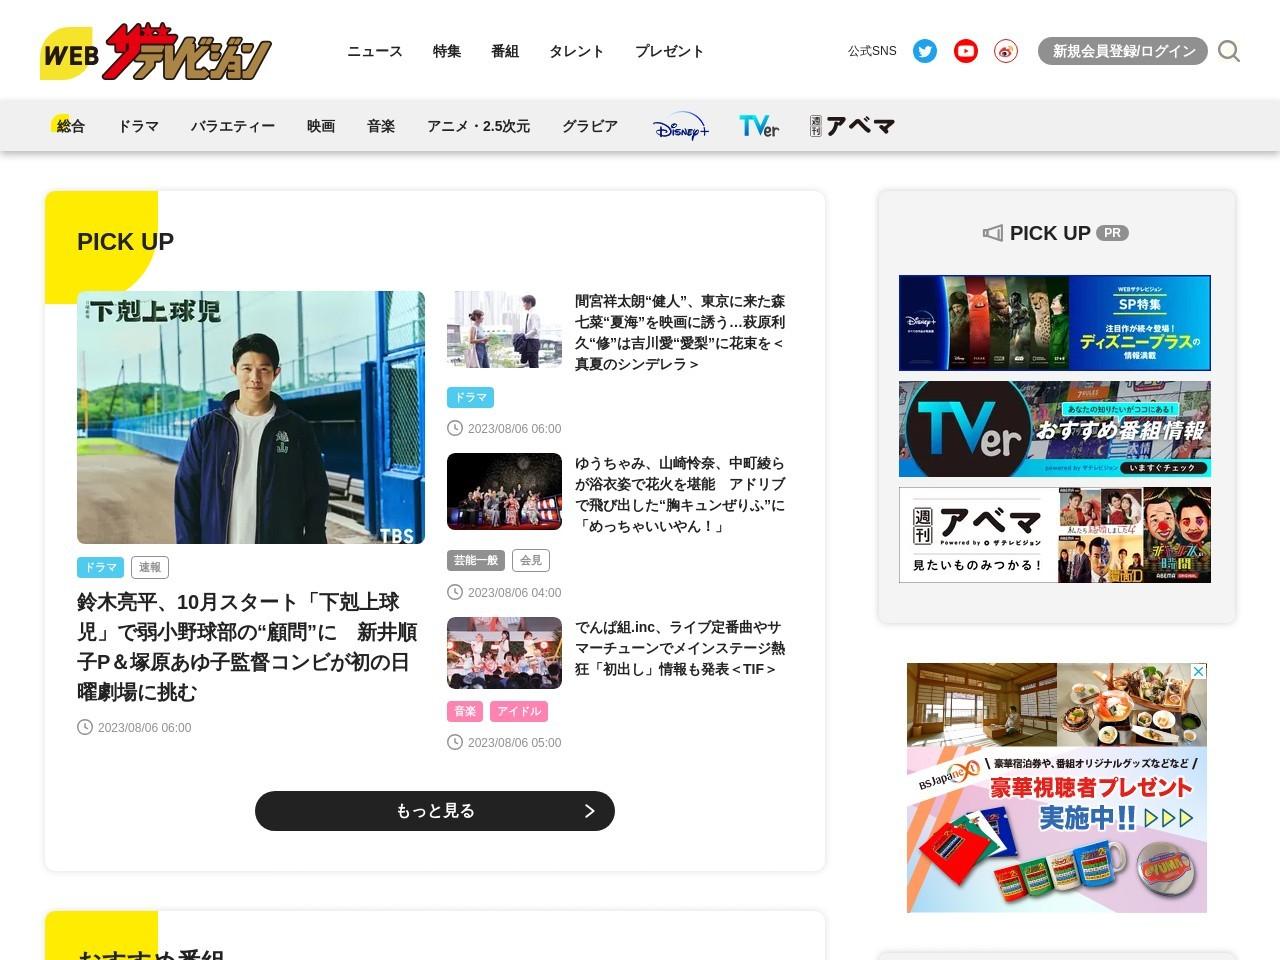 むっちりボディー大貫彩香、DVD発売イベント写真リポート【フォトSP】